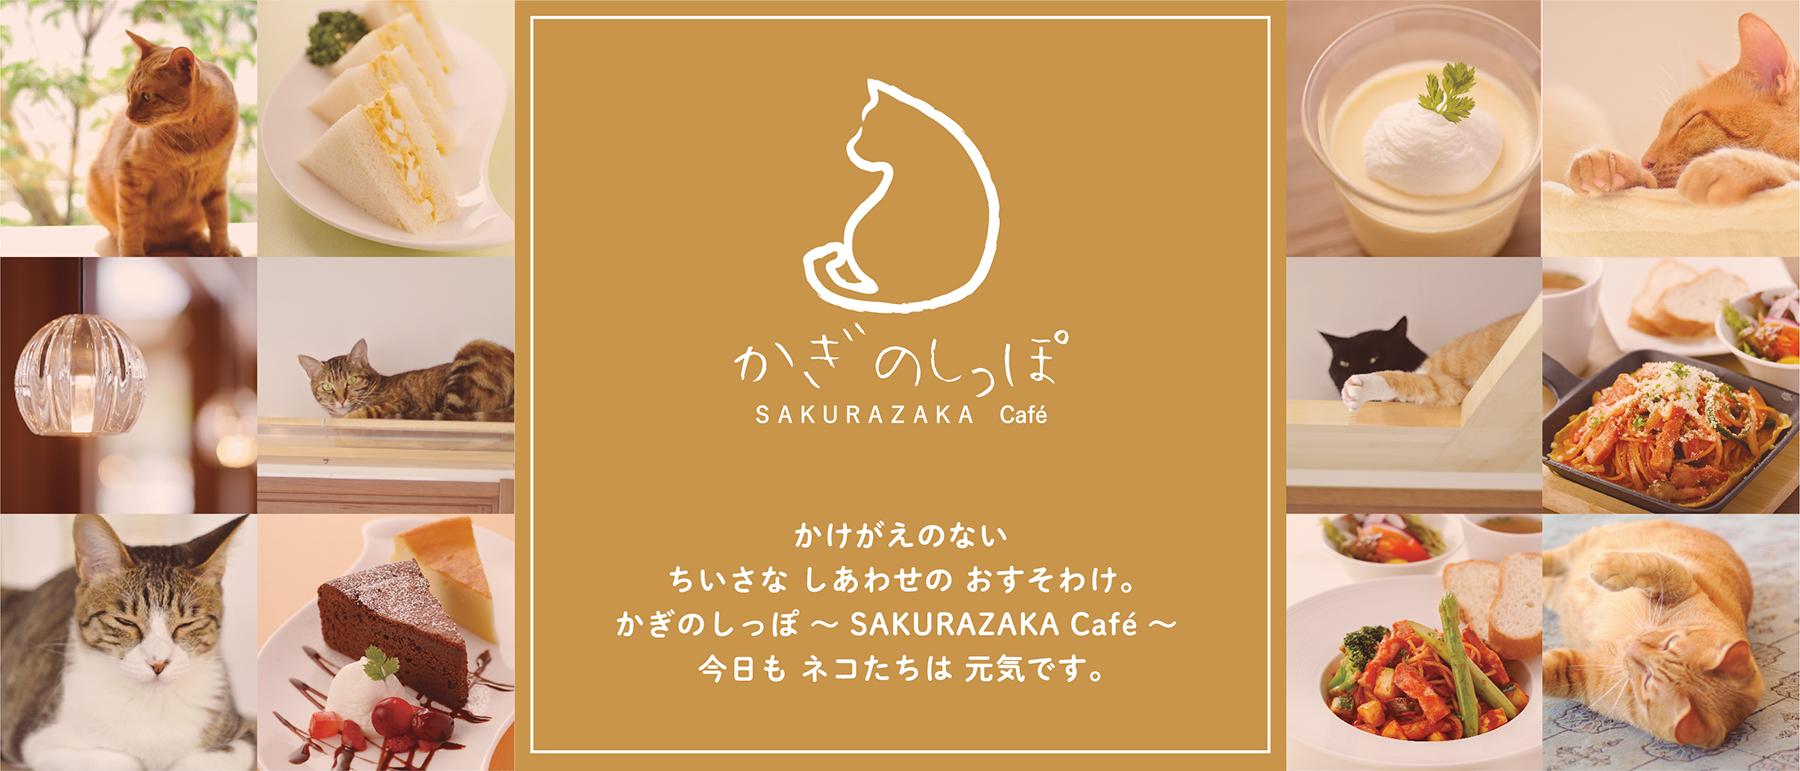 かけがえのないちいさなしあわせのおすそわけ。かぎのしっぽ 〜SAKURAZAKA Café〜 今日もネコたちは元気です。